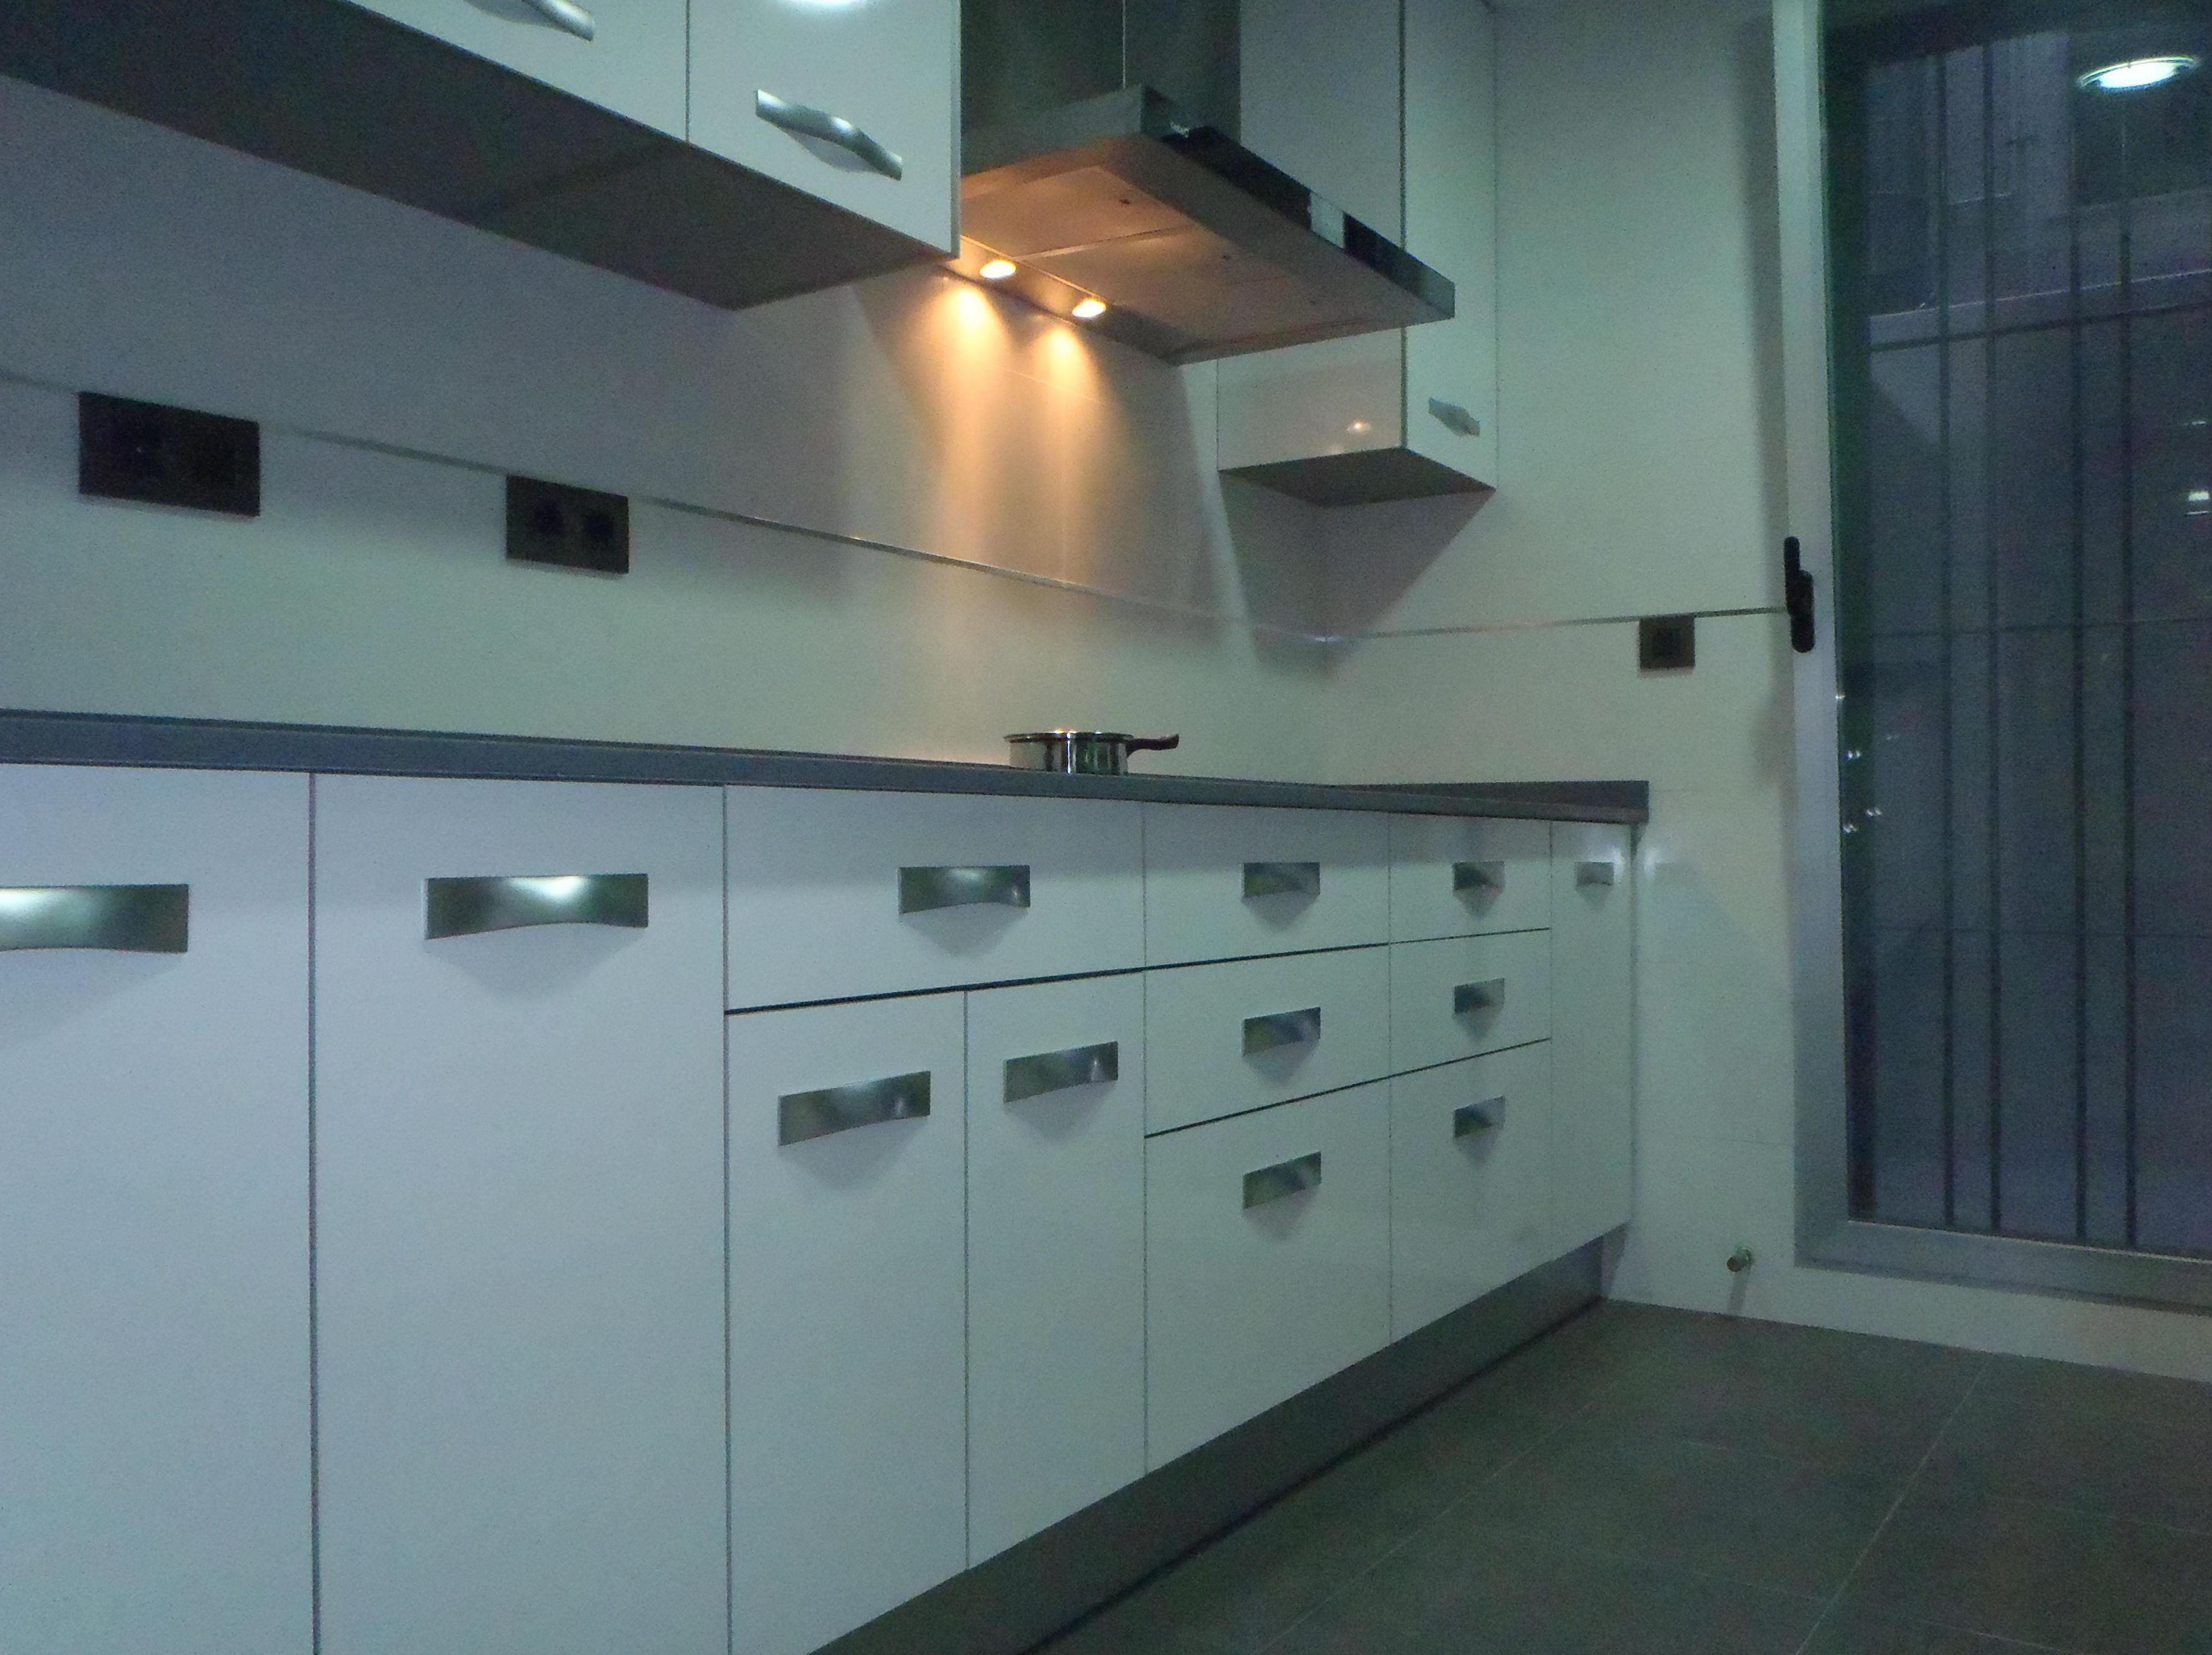 24 hermoso muebles cocina murcia galer a de im genes - Muebles de cocina murcia ...